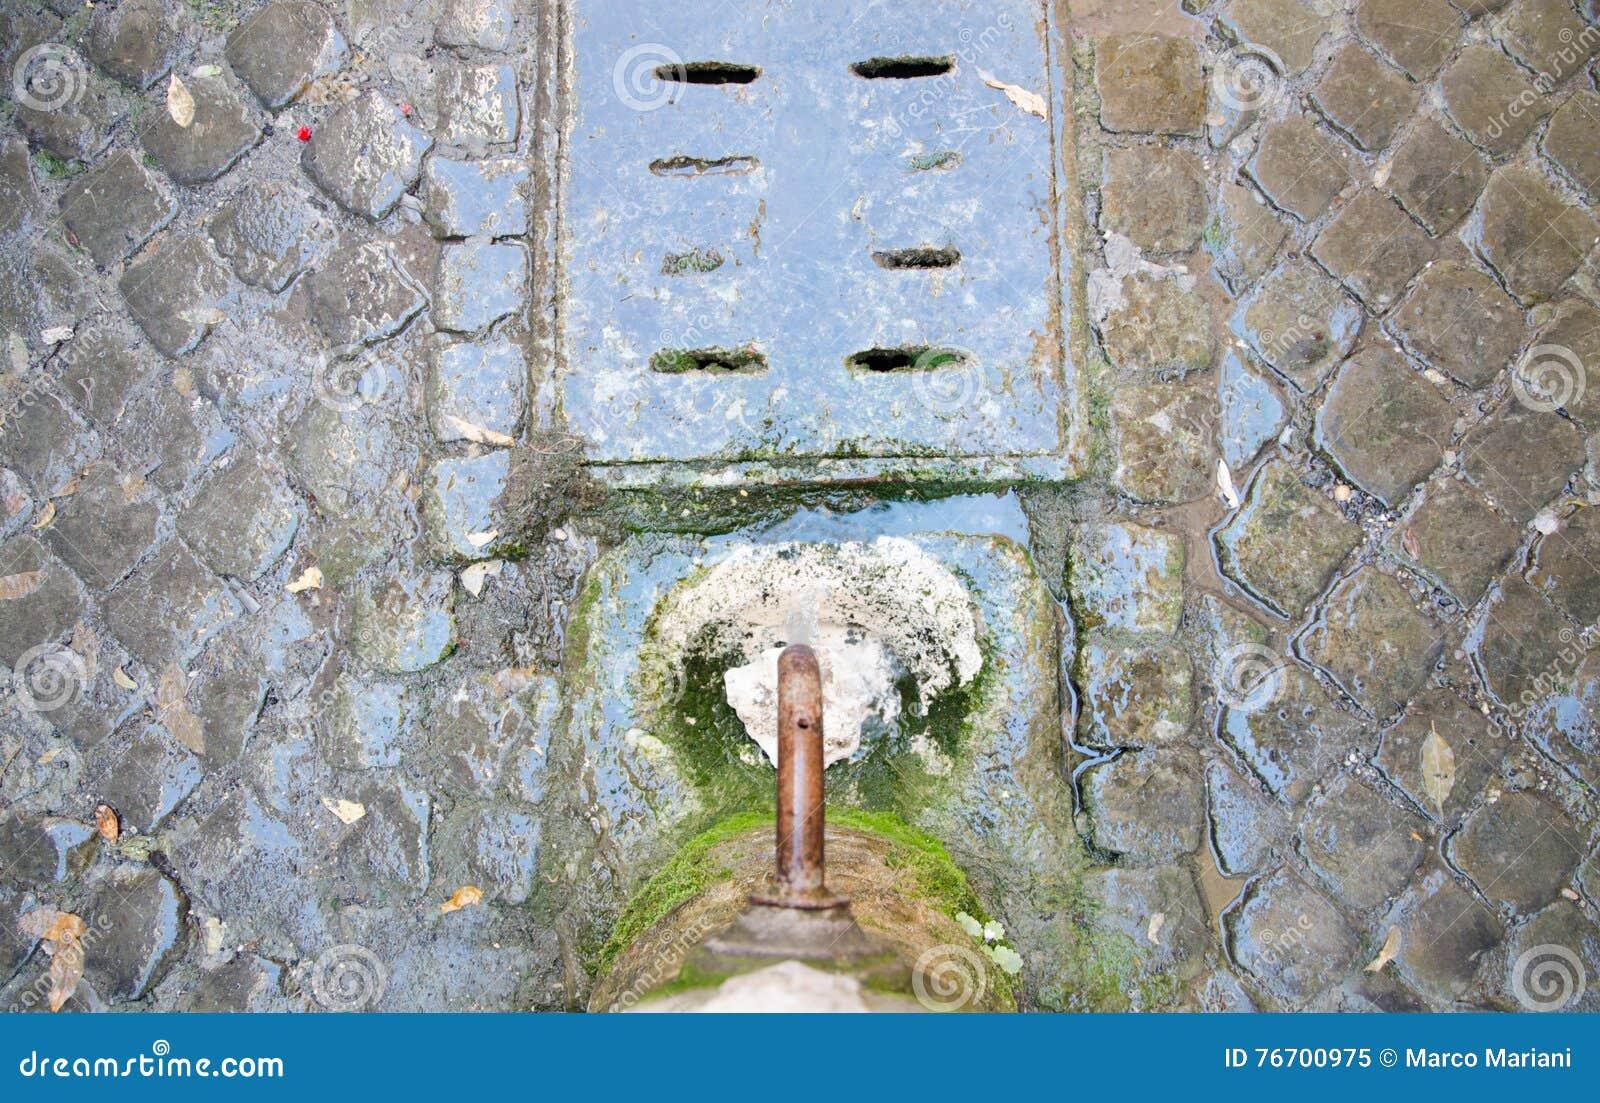 Drickbart springbrunnvatten i Rome med kullersten